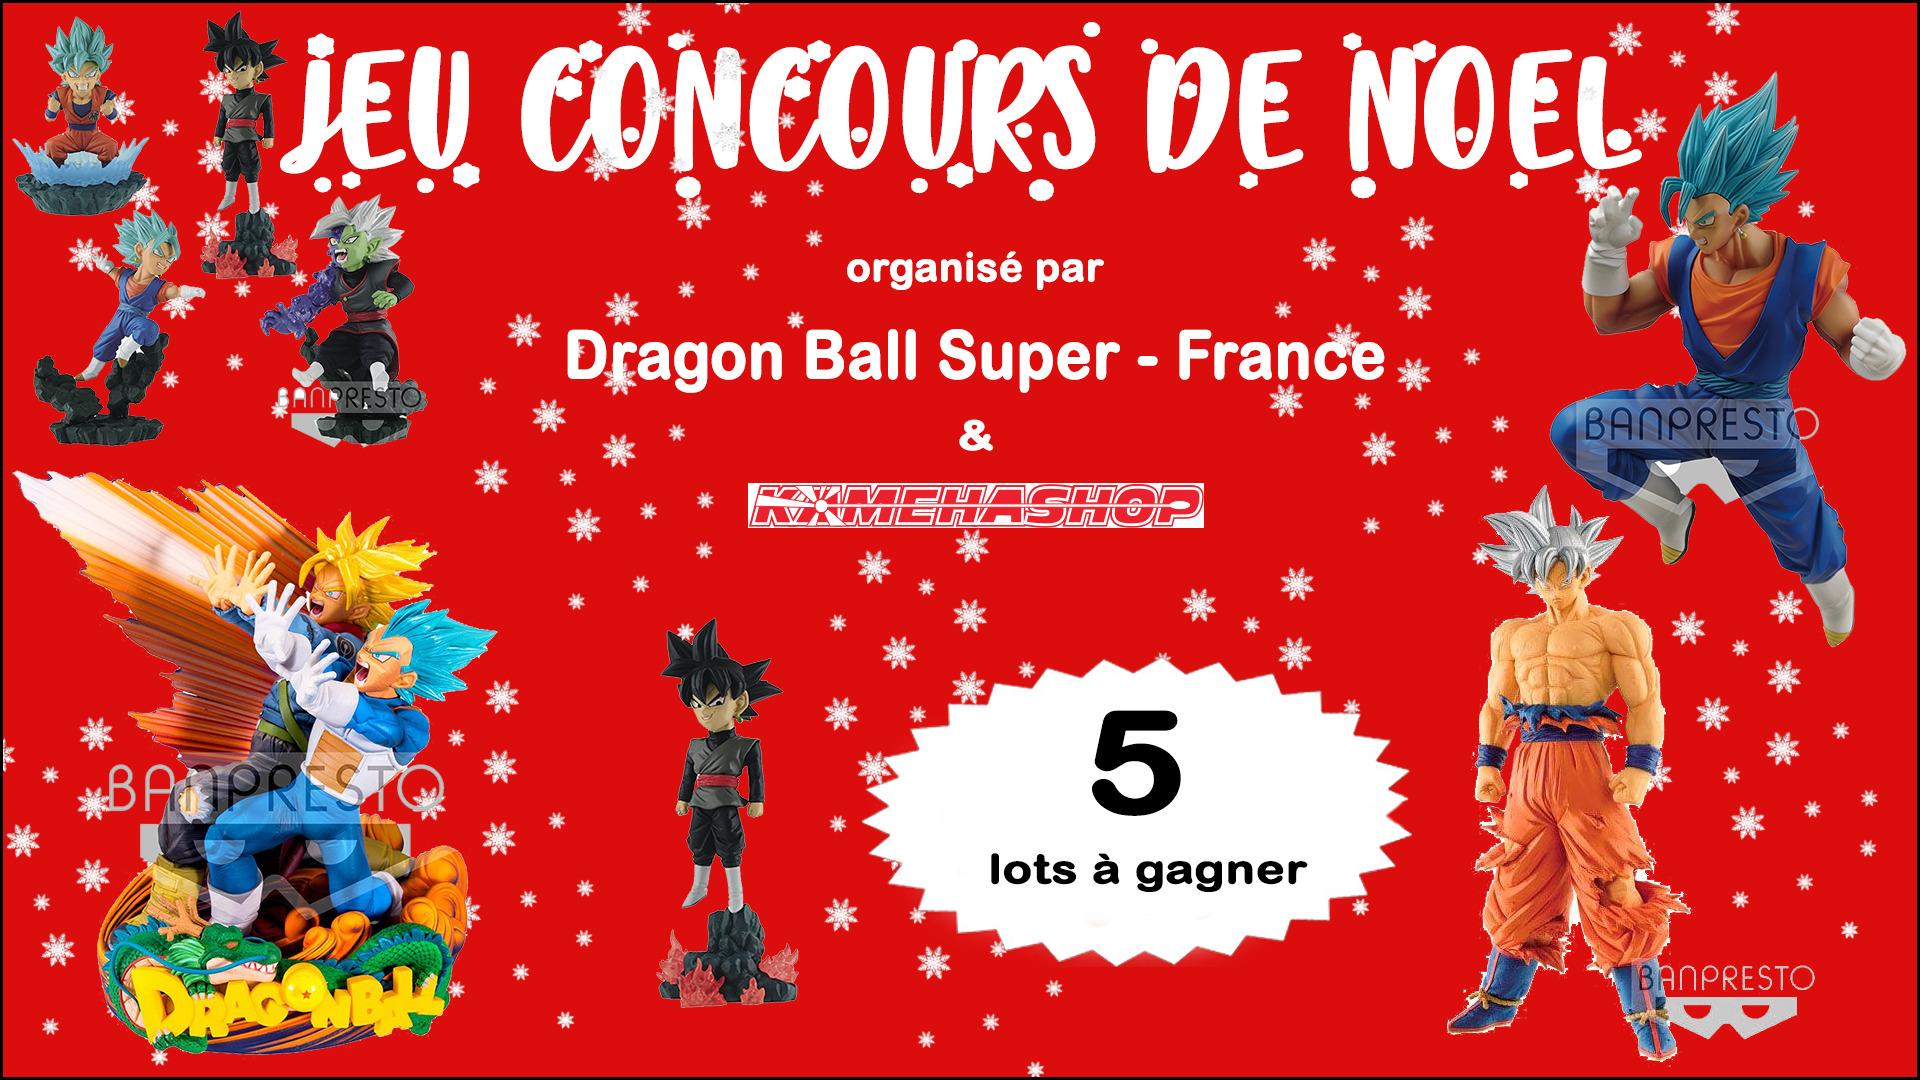 jeu concours de no l 2018 5 lots dragon ball super gagner dragon ball super france. Black Bedroom Furniture Sets. Home Design Ideas